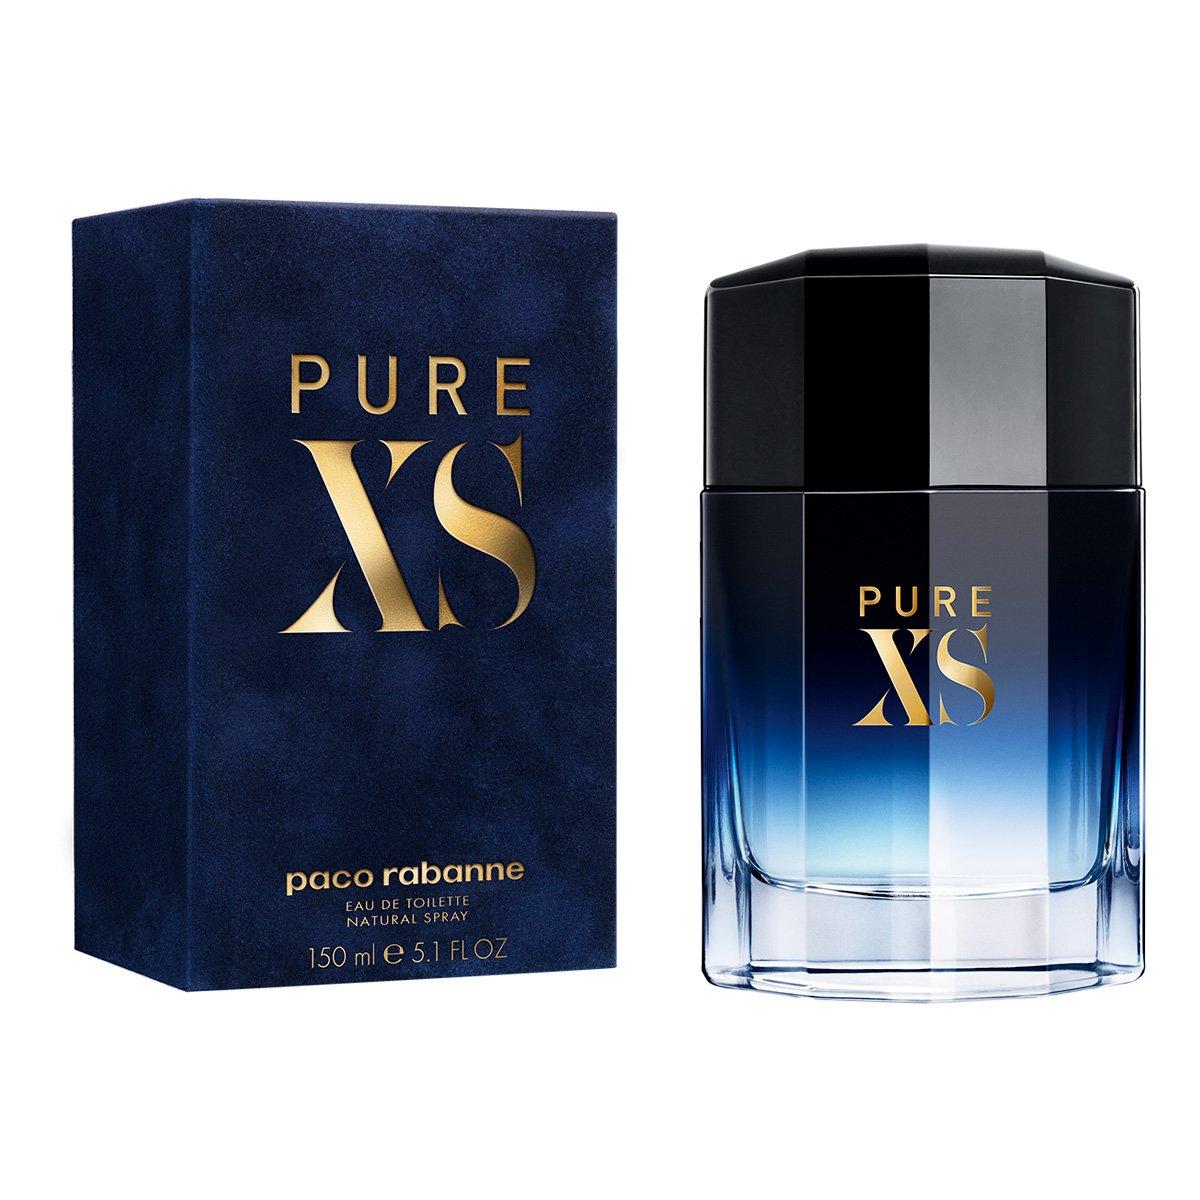 Pure XS pour Homme Eau de Toilette Paco Rabanne - Perfume Masculino 150ml